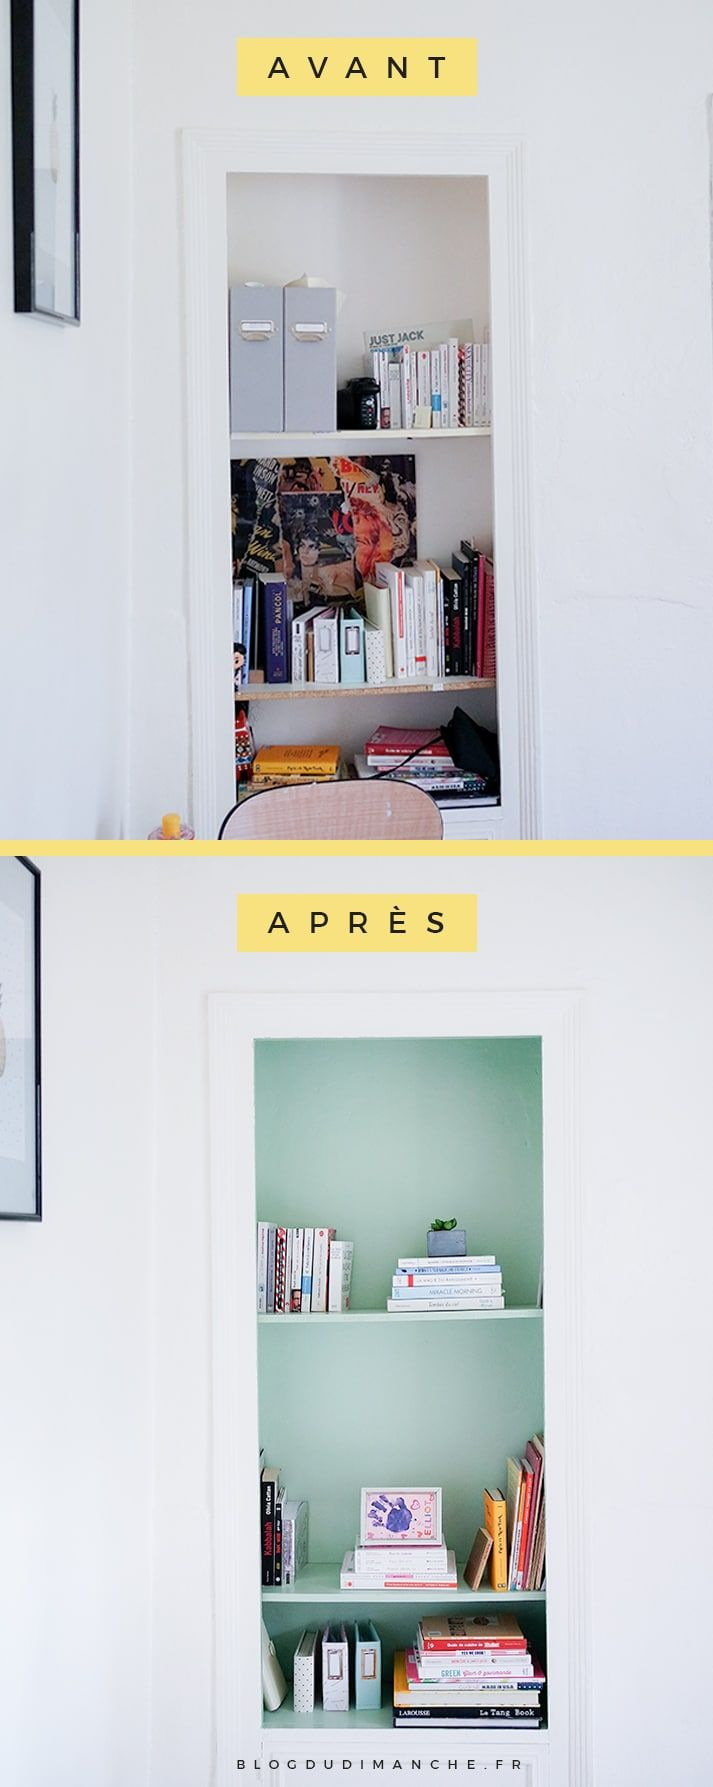 Une idée et des conseils pour embellir votre bibliothèque ! Cliquez pour lire ou épinglez pour plus tard !